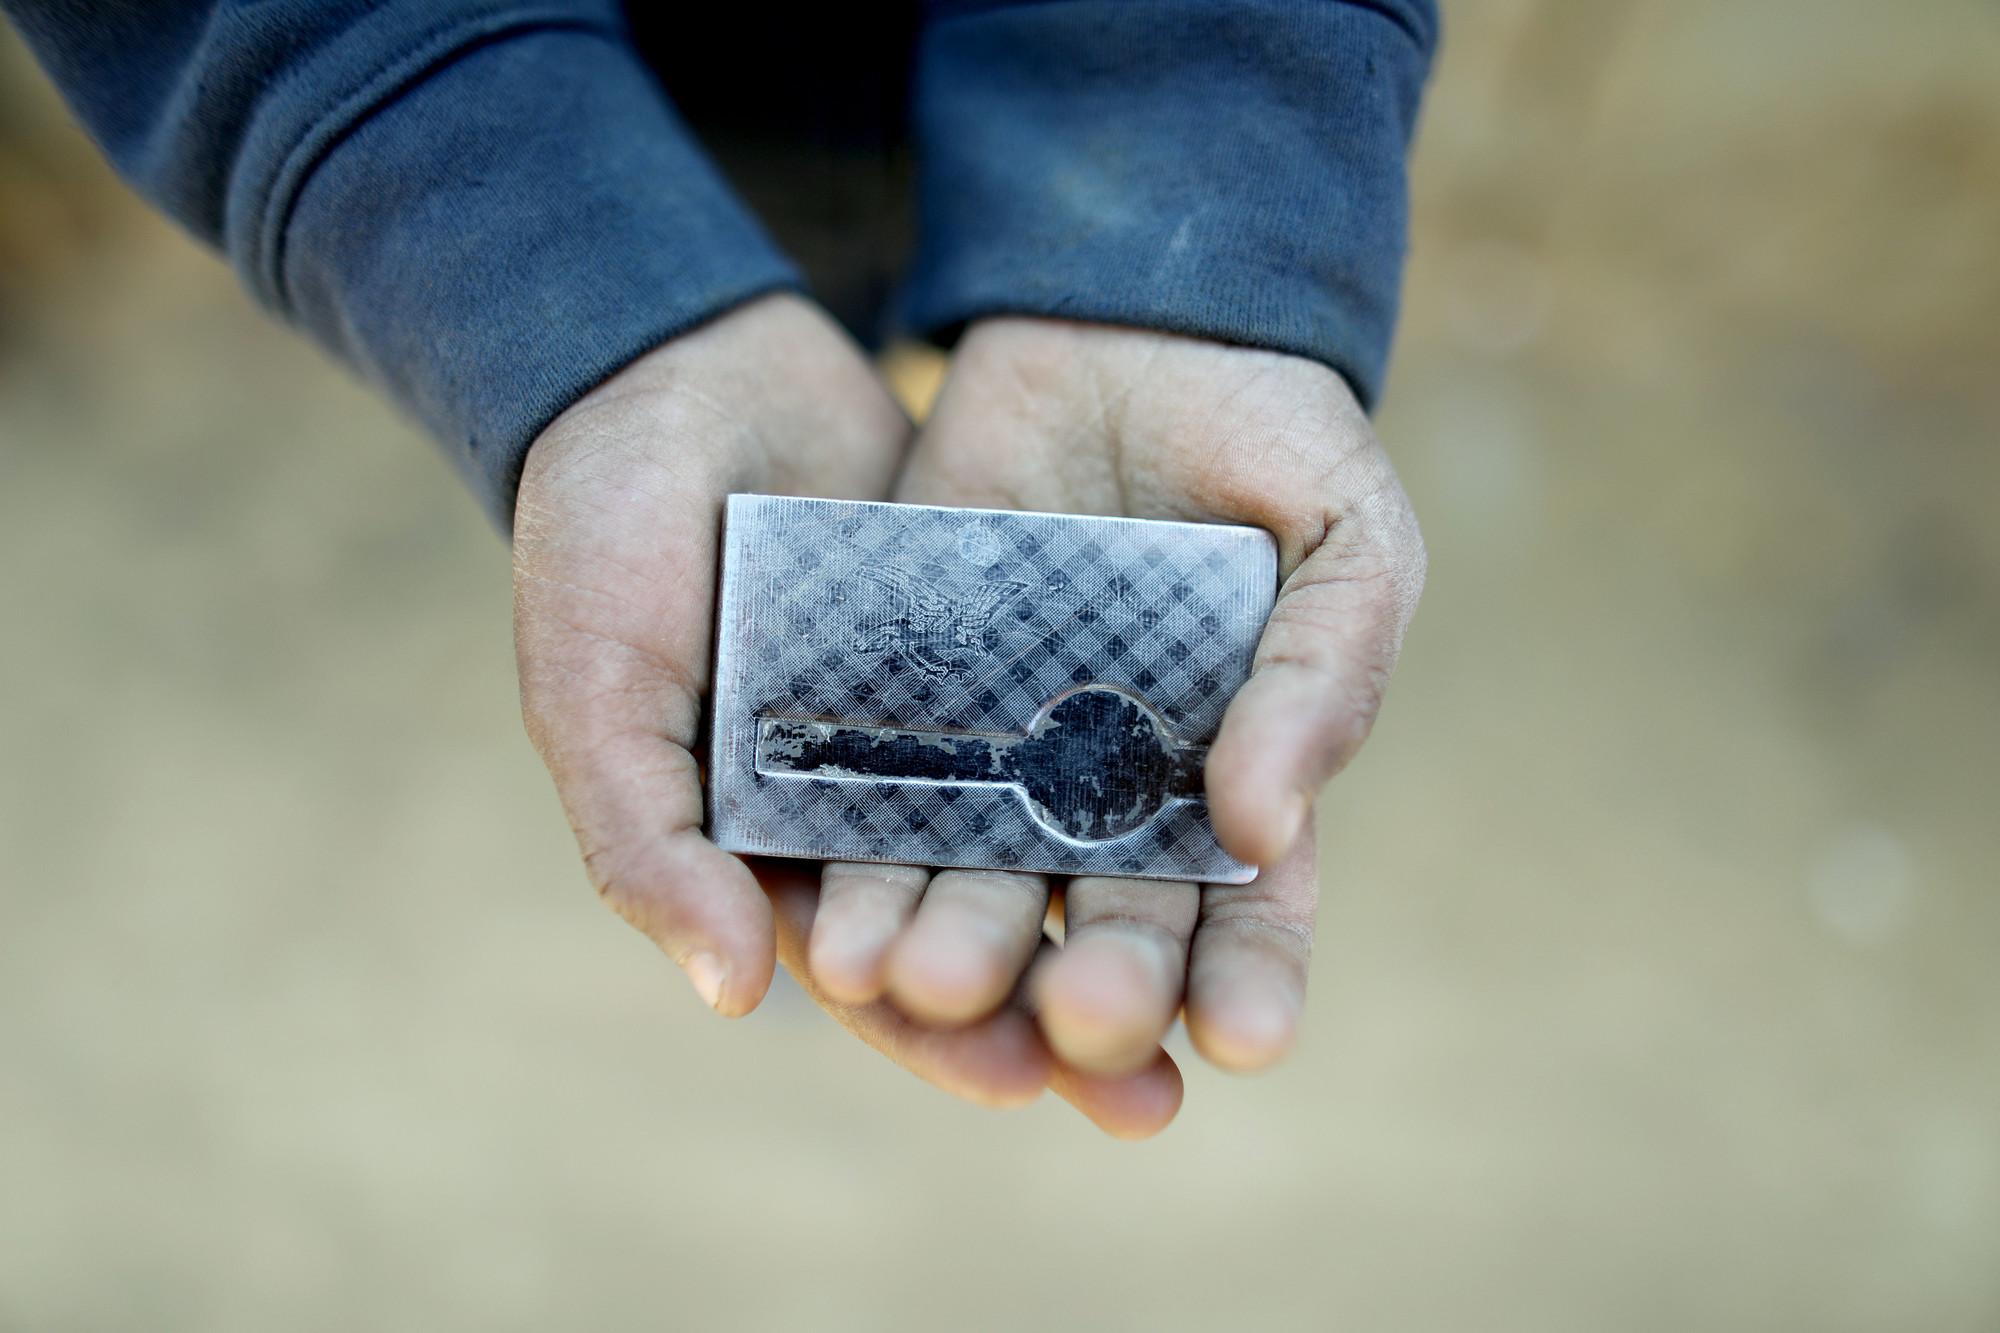 Rohit, de cinco años, encontró esta hebilla de cinturón. Se lo lleva porque es brillante y, según él, valioso.